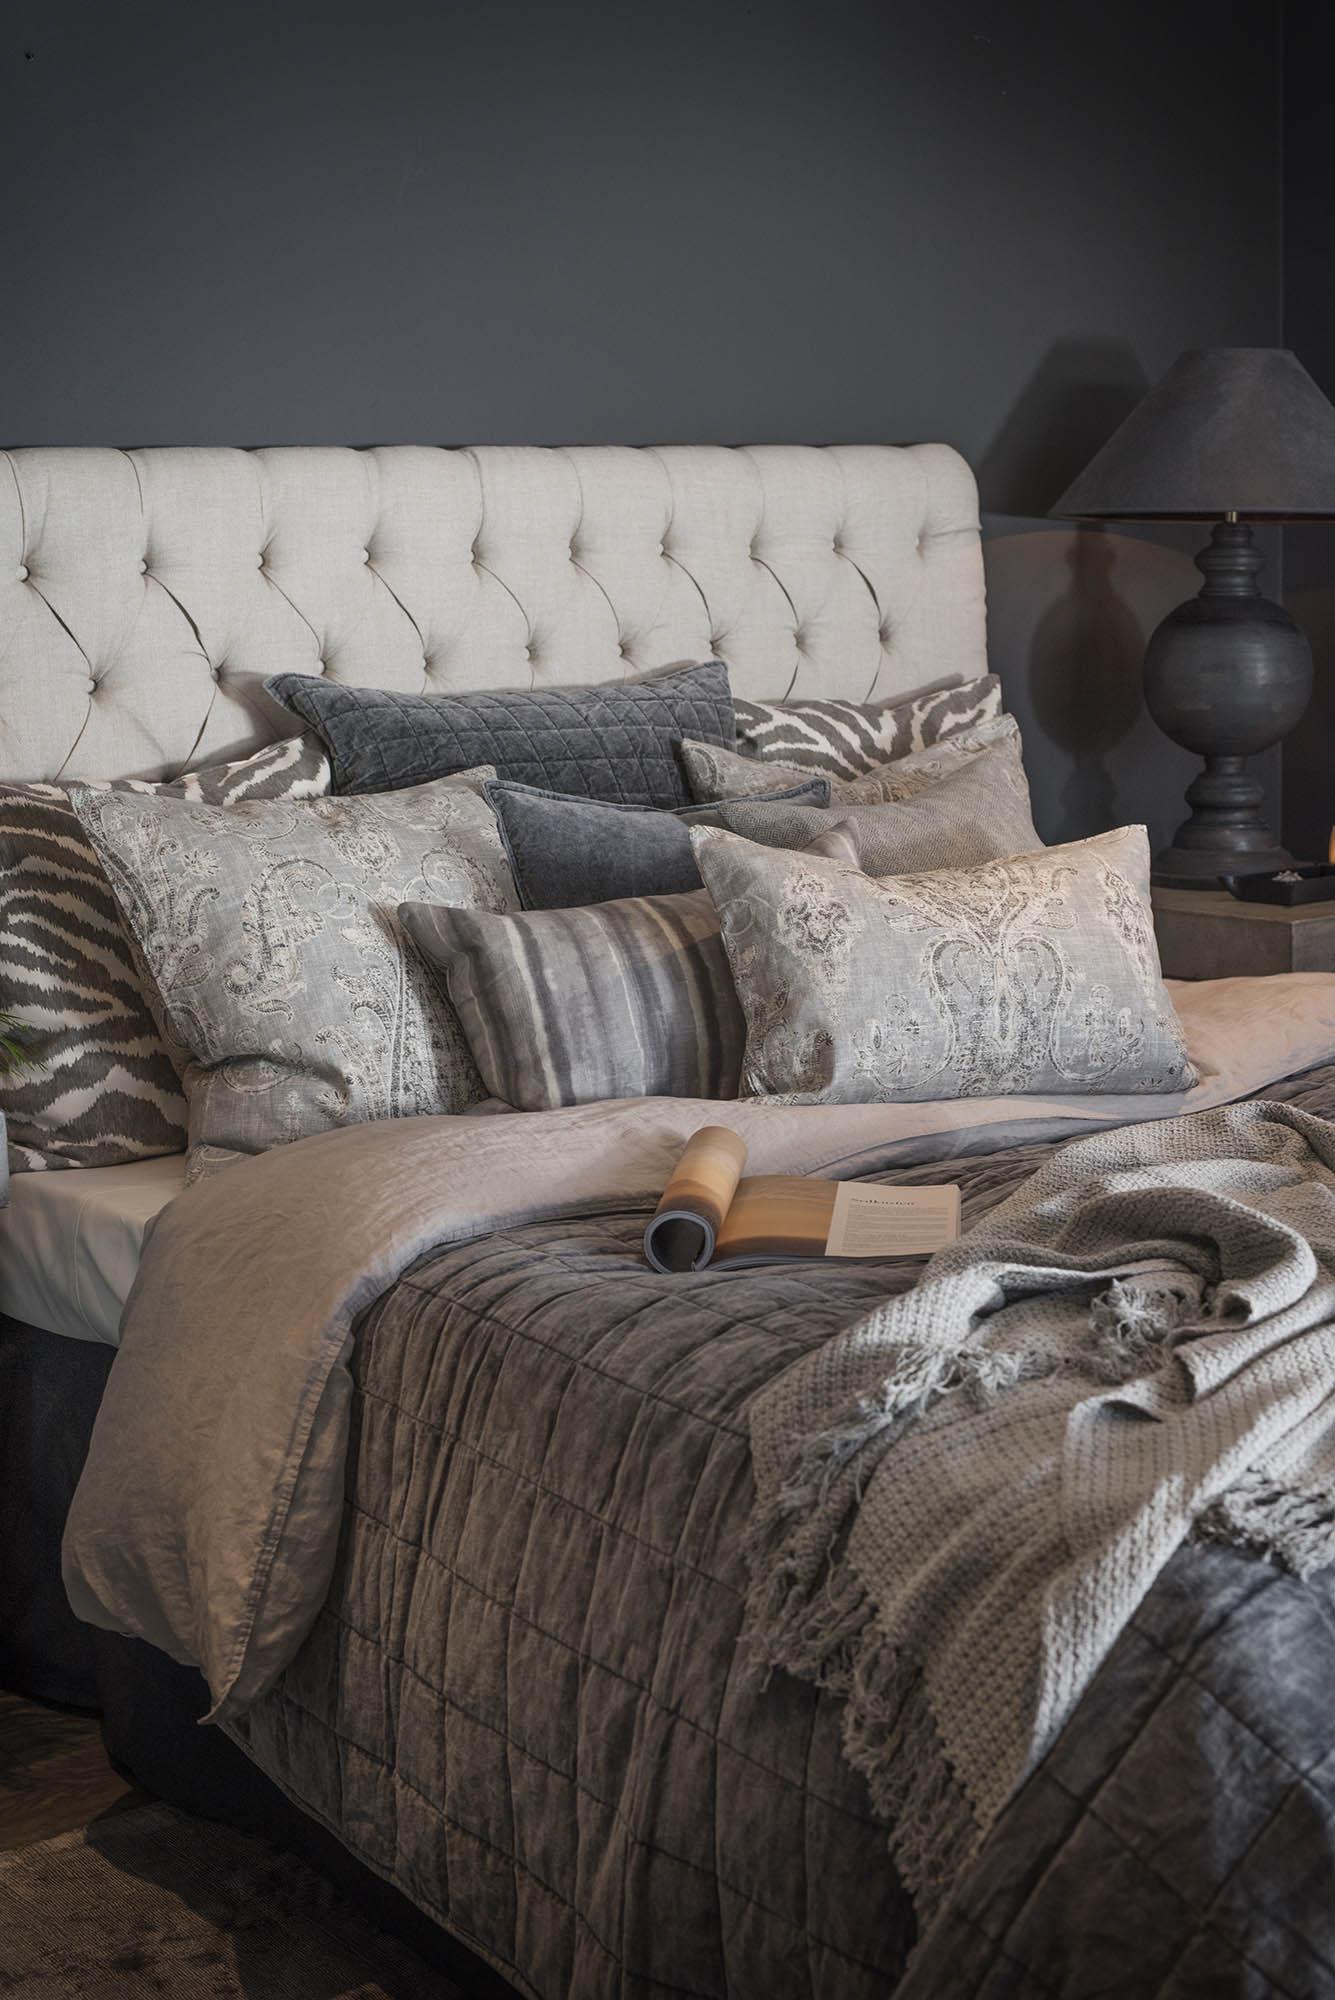 Miljöbild på säng med London sänggavel och prydnadskuddar från Artwood.